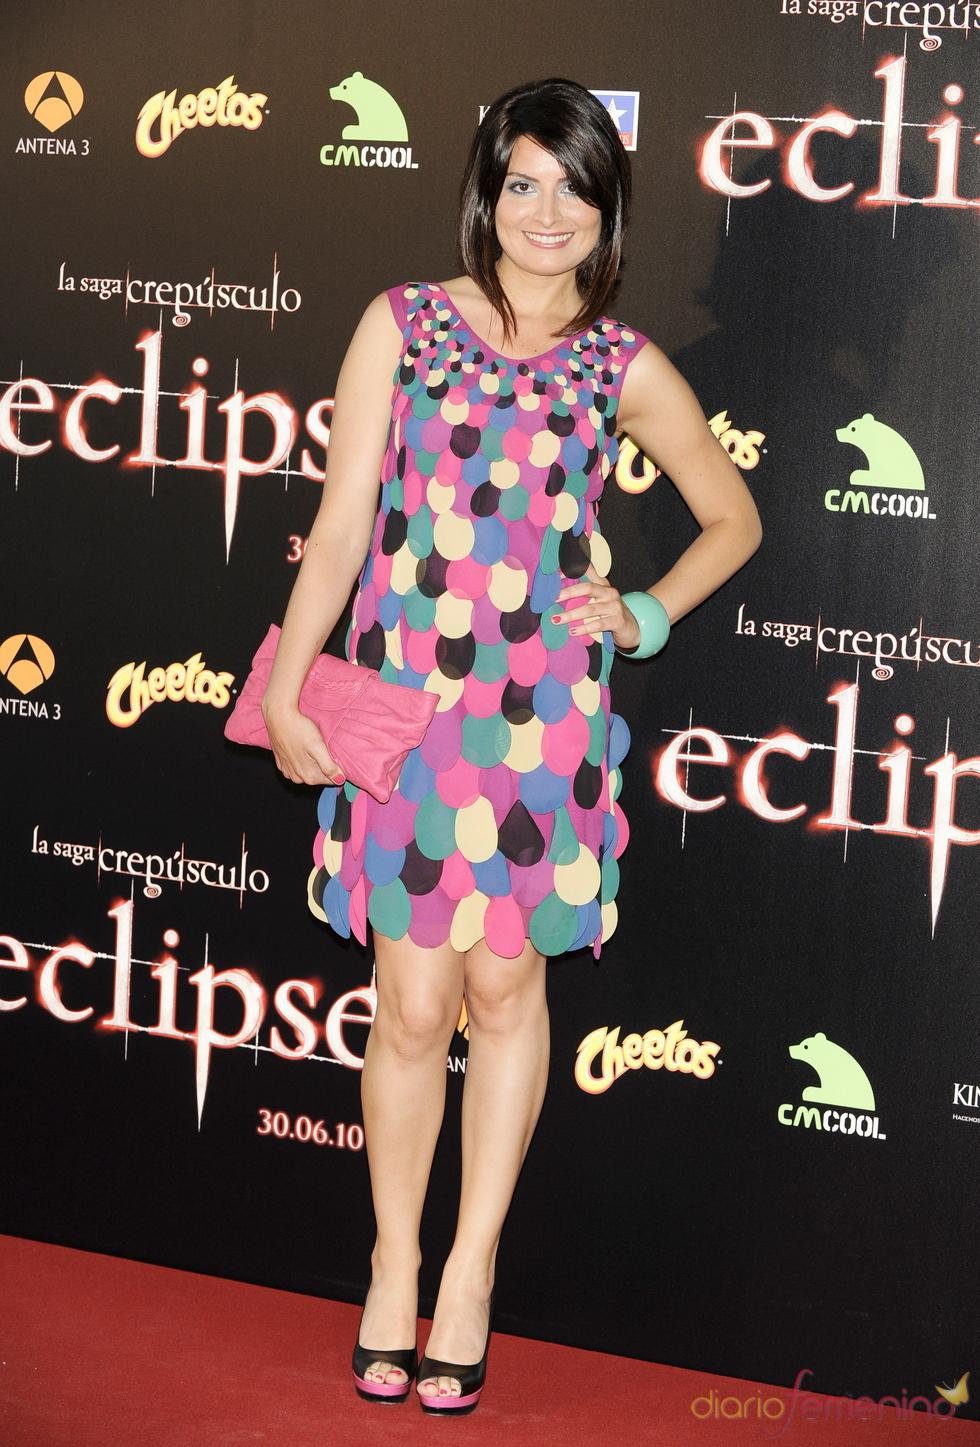 Ledicia Sola en el estreno de 'Eclipse' | 980 x 1447 jpeg 753kB